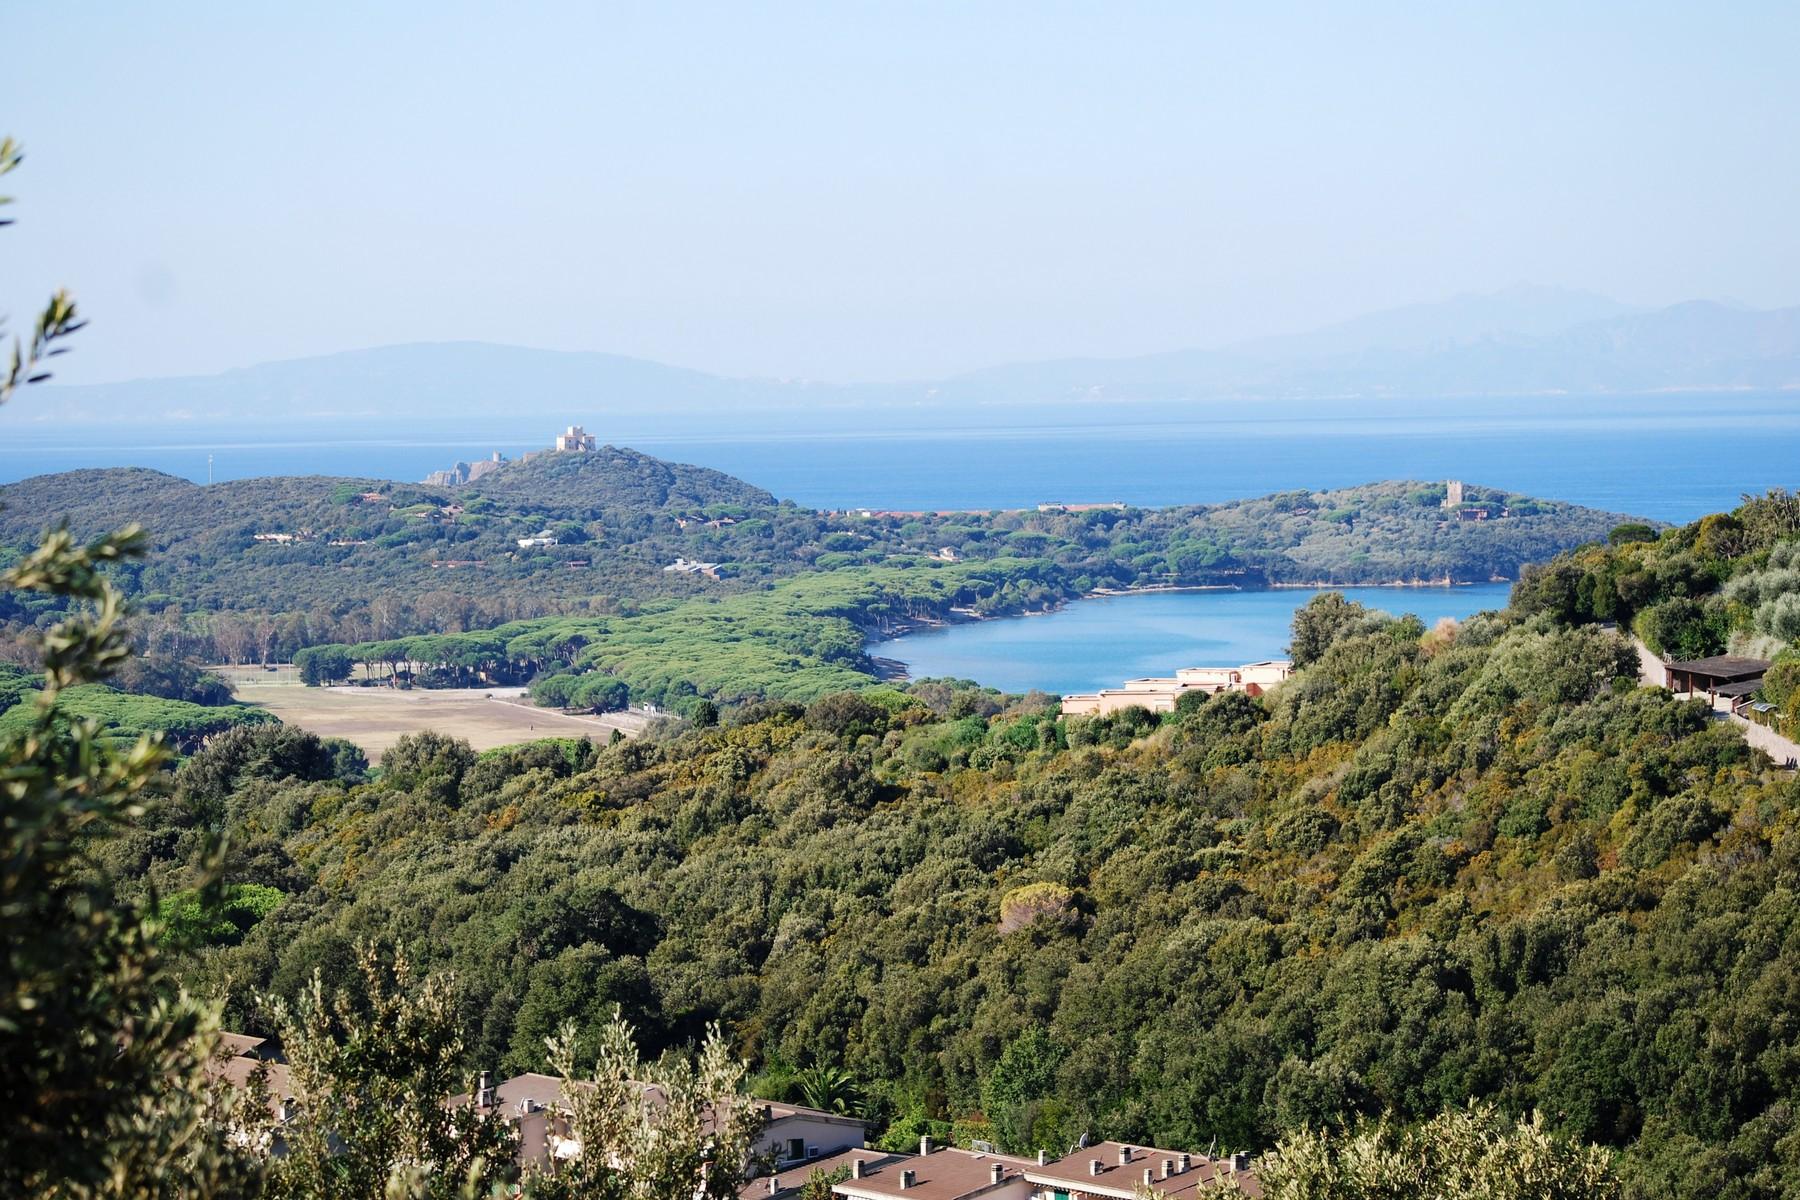 Villa in Vendita a Castiglione Della Pescaia: 5 locali, 260 mq - Foto 2